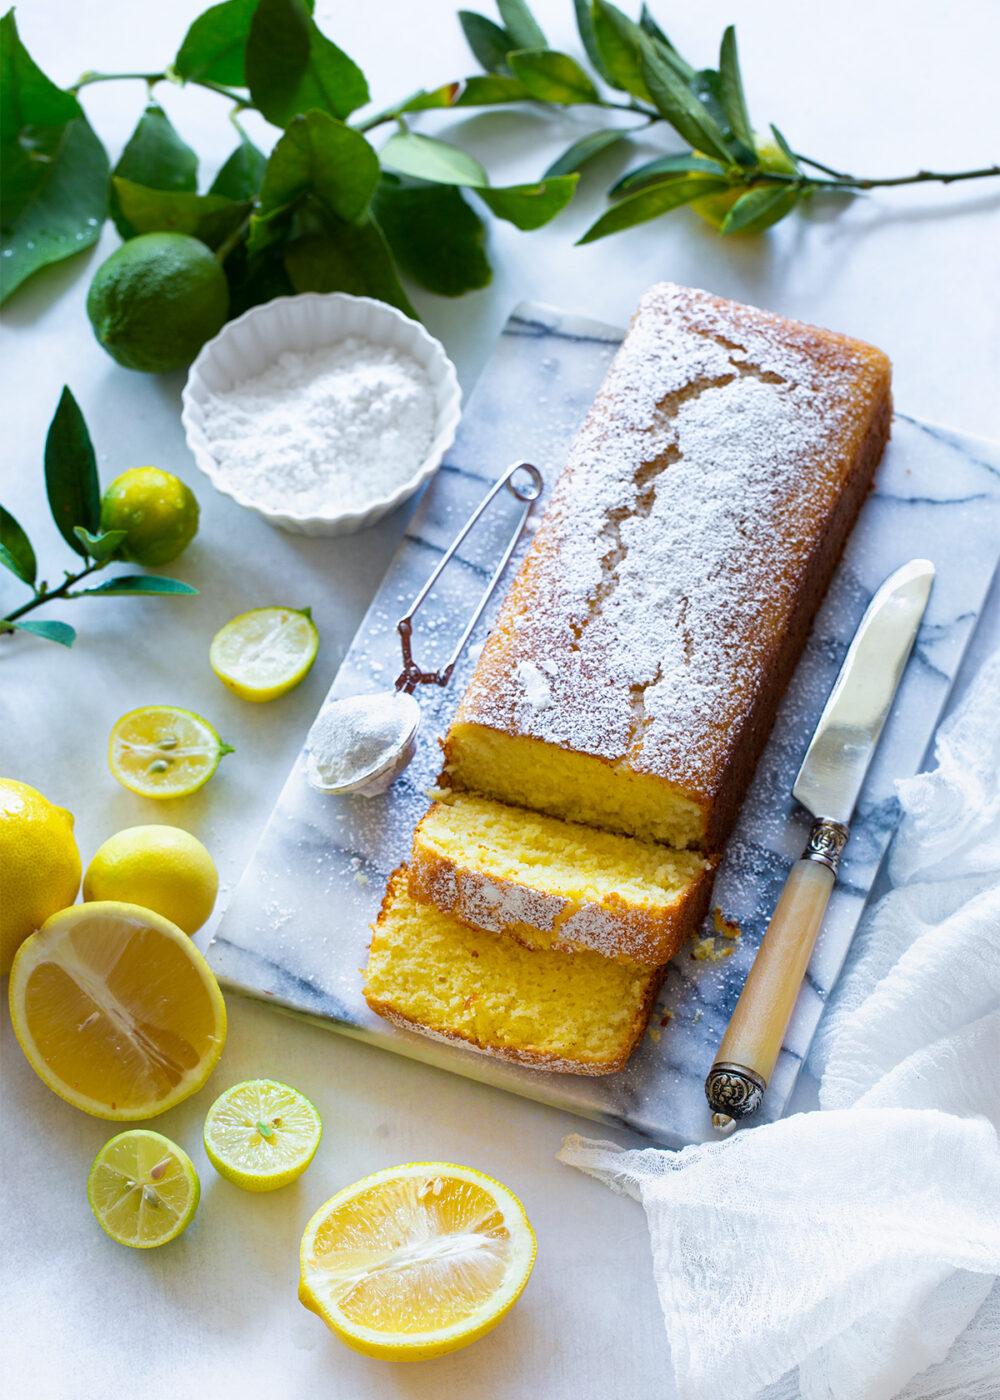 עוגת לימון בחושה פרווה מהירה וקלה להכנה